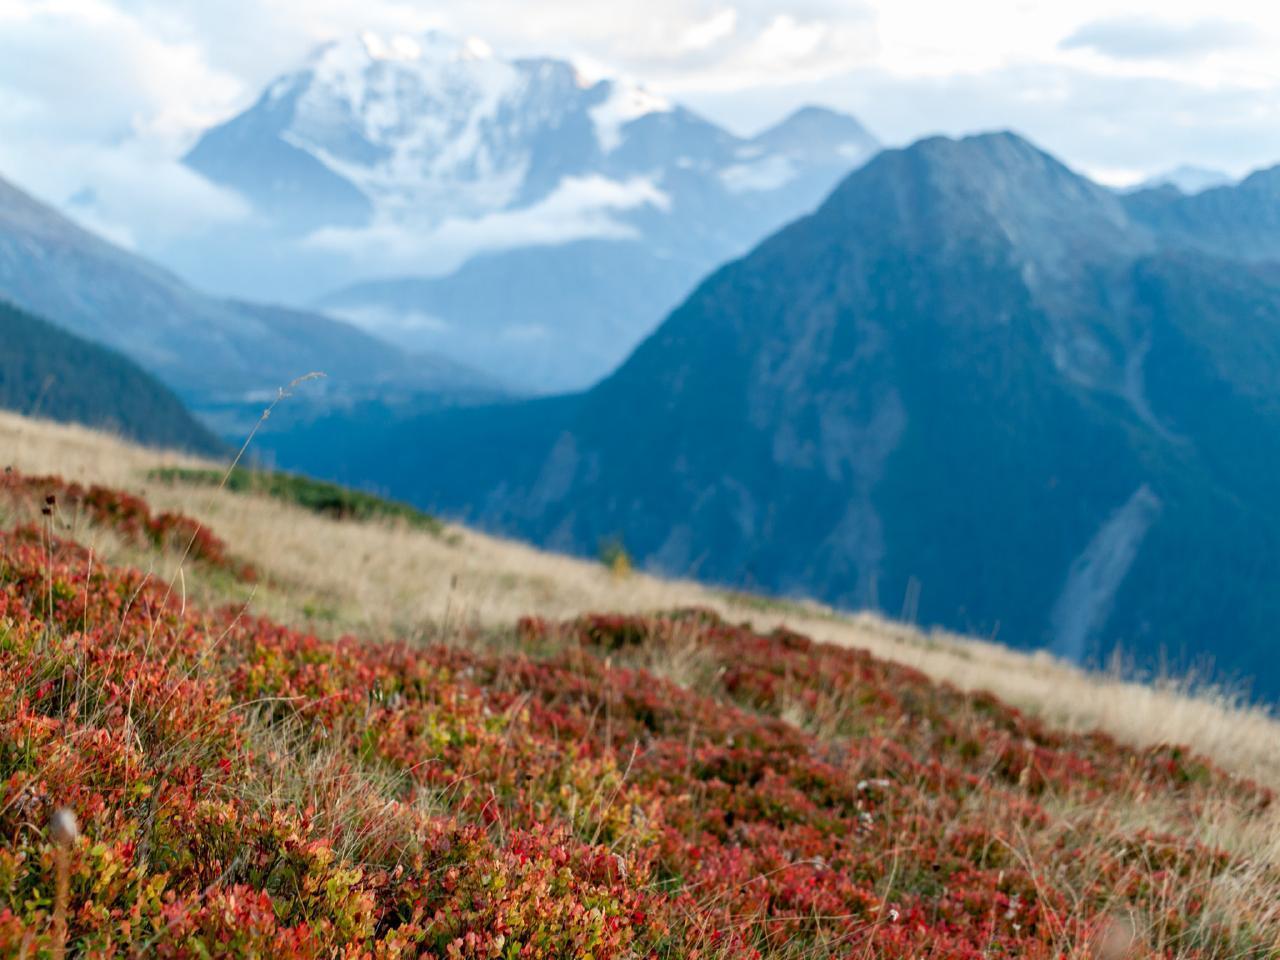 Ferienwohnung Chalet Bergfink | Ferienwohnung in den Walliser Bergen auf Rosswald (2311758), Rosswald, Brig - Simplon, Wallis, Schweiz, Bild 14